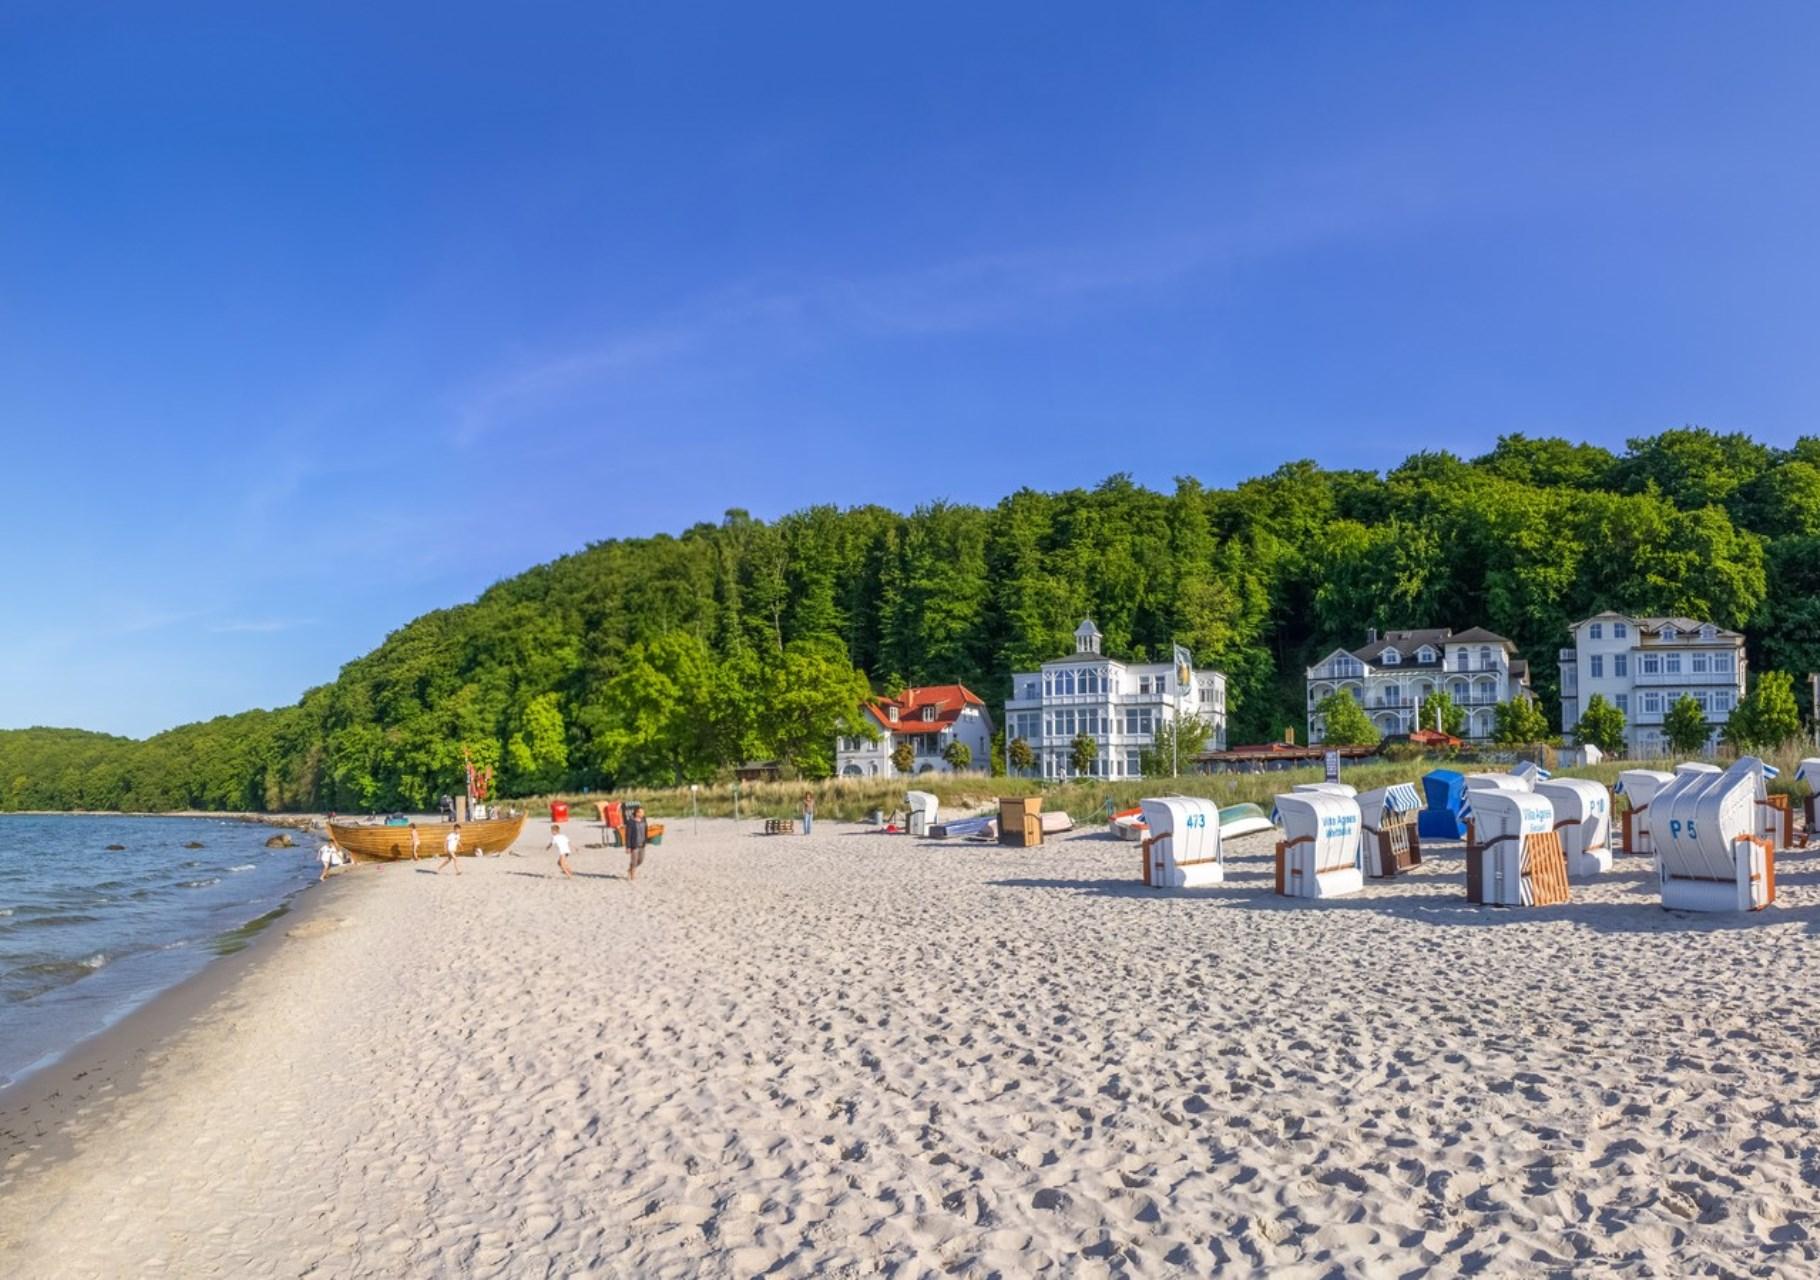 Sandstrand auf Insel Rügen